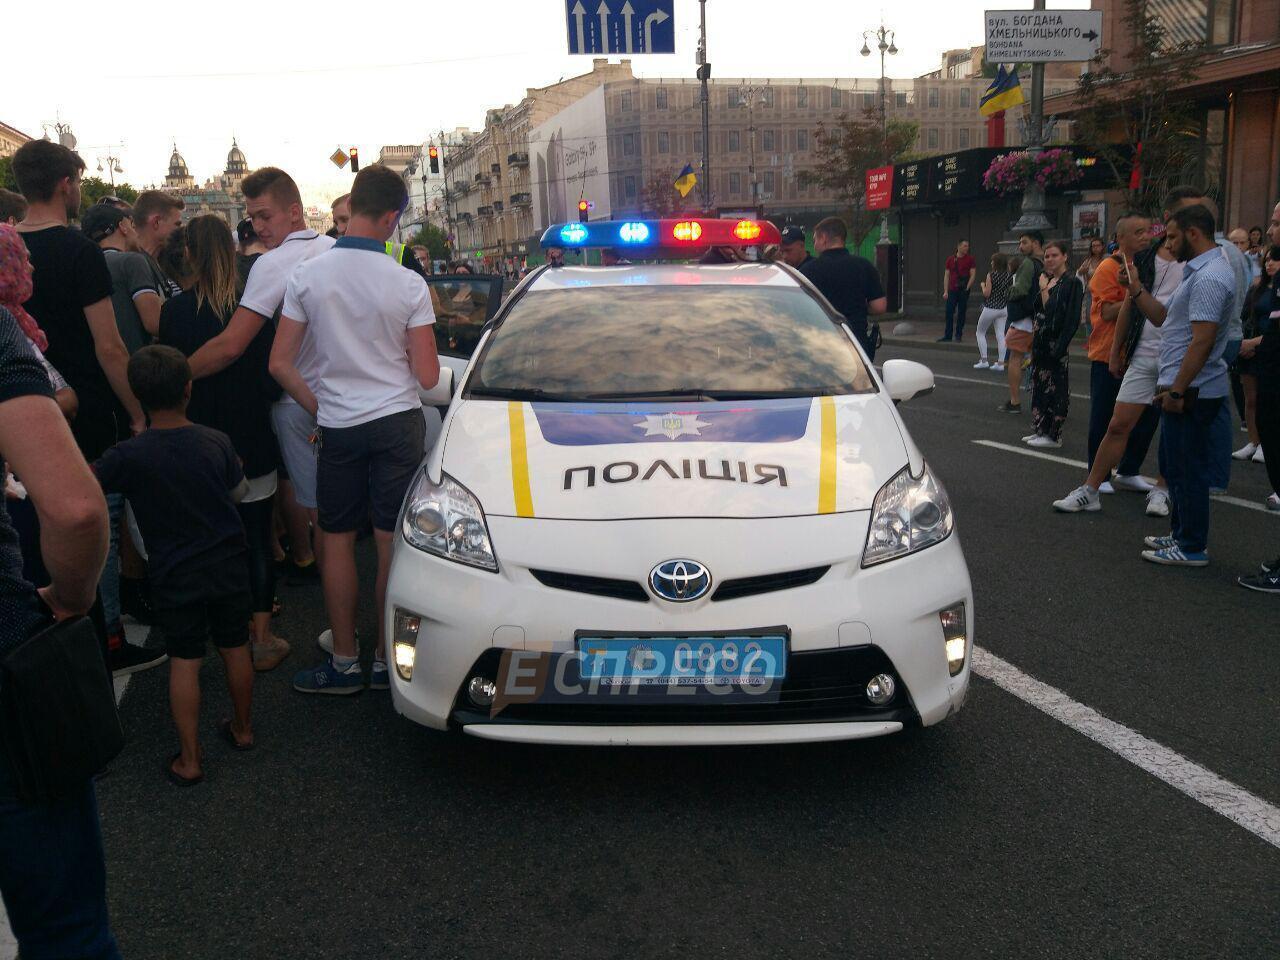 Пробігся по машині копів: в Києві спіймали хулігана